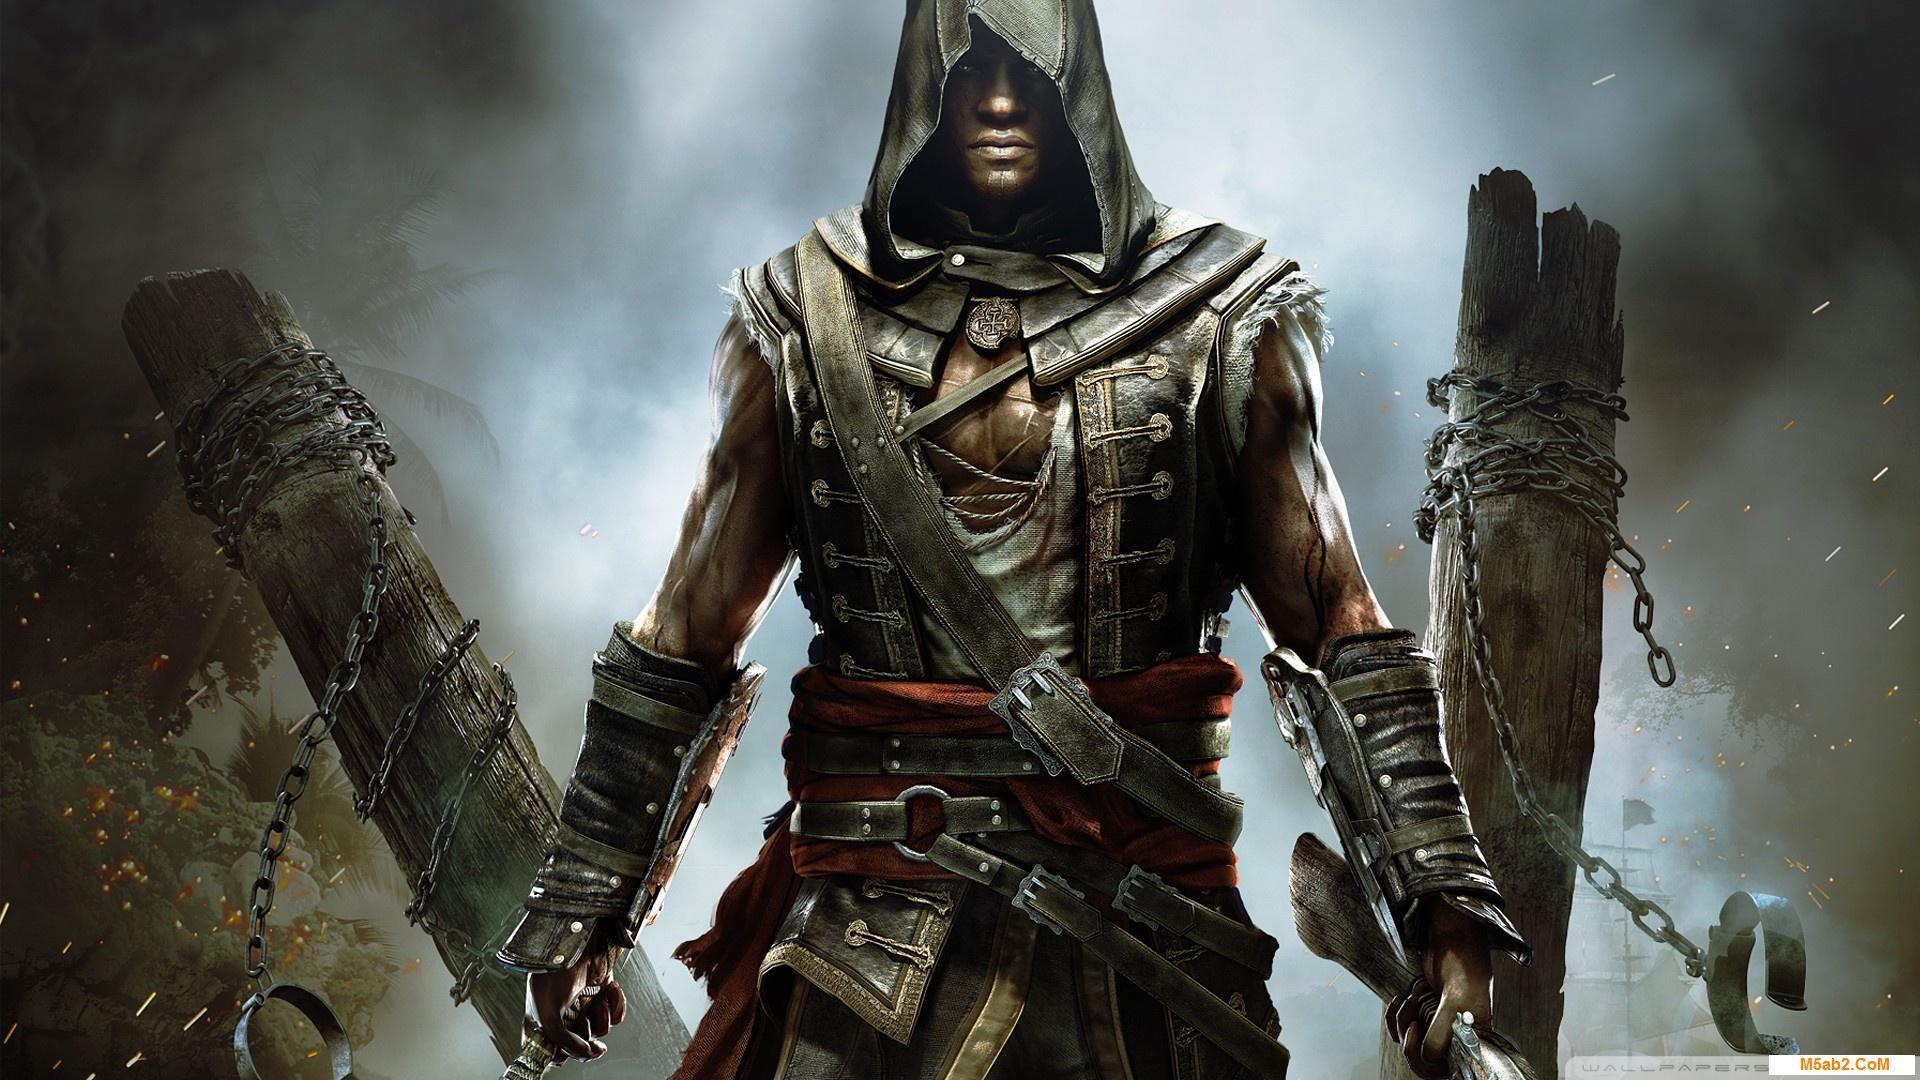 صور خلفيات لعبة assassins creed اتش دي HD عالية الدقة والوضوح